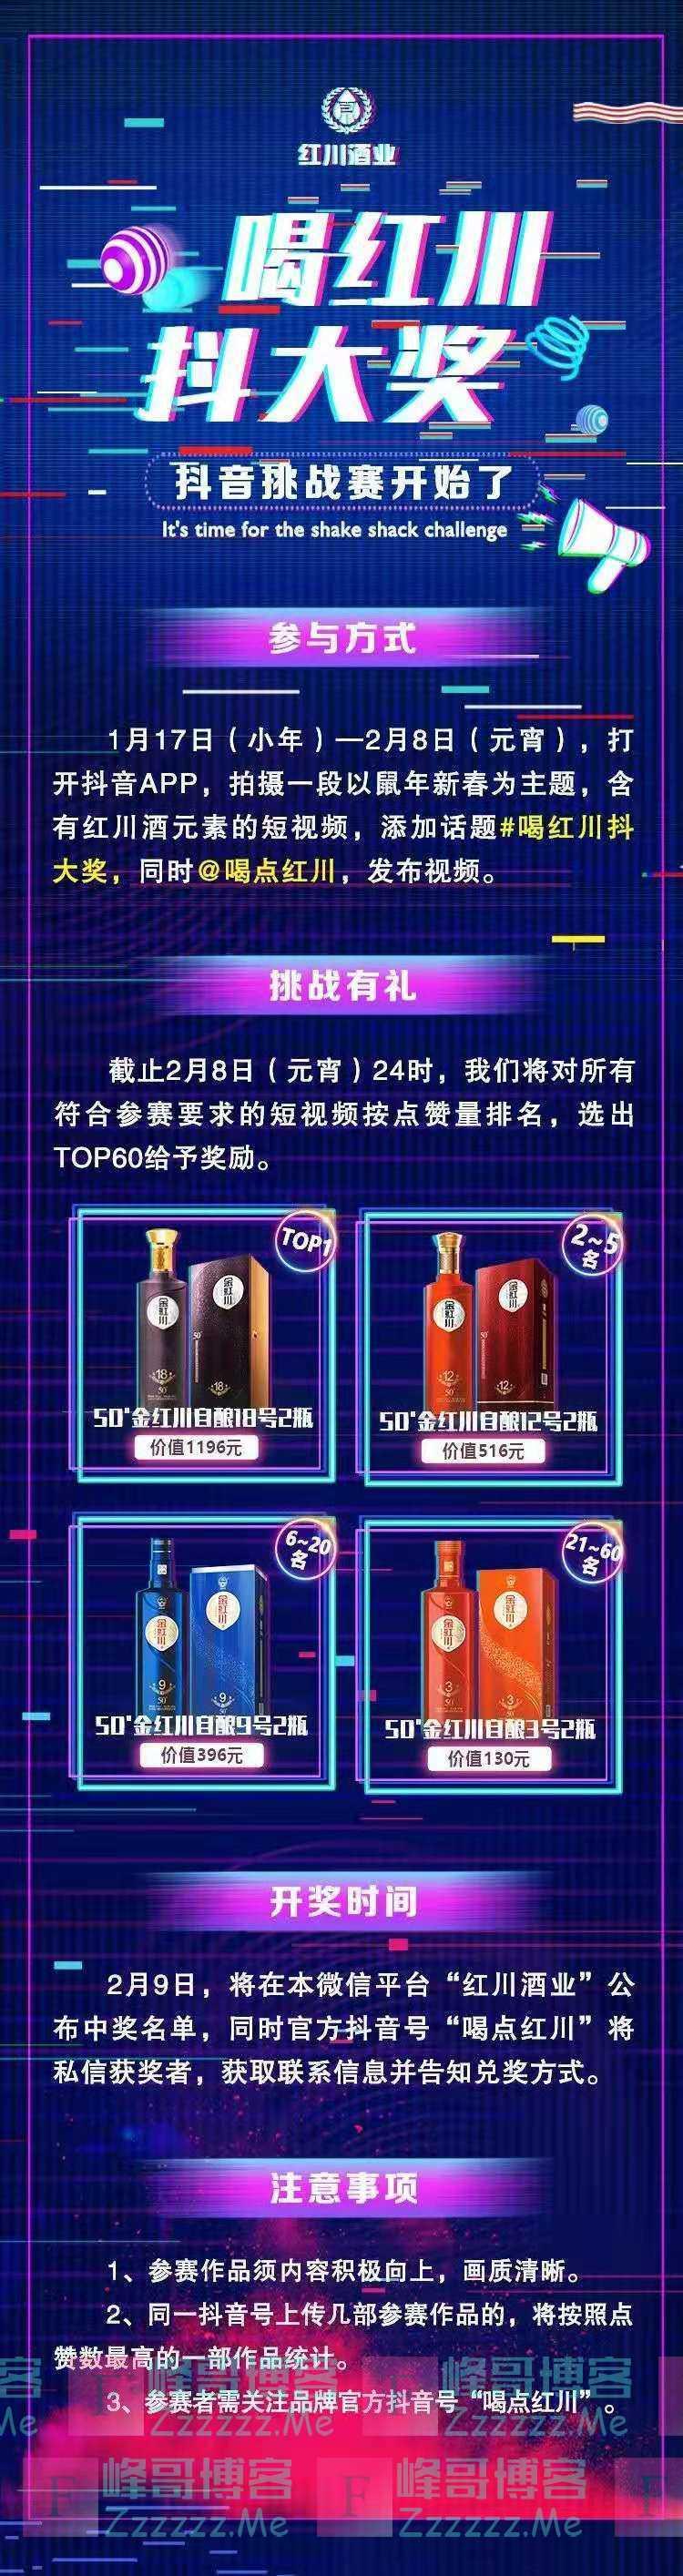 红川酒业喝红川抖大奖(截止2月8日)